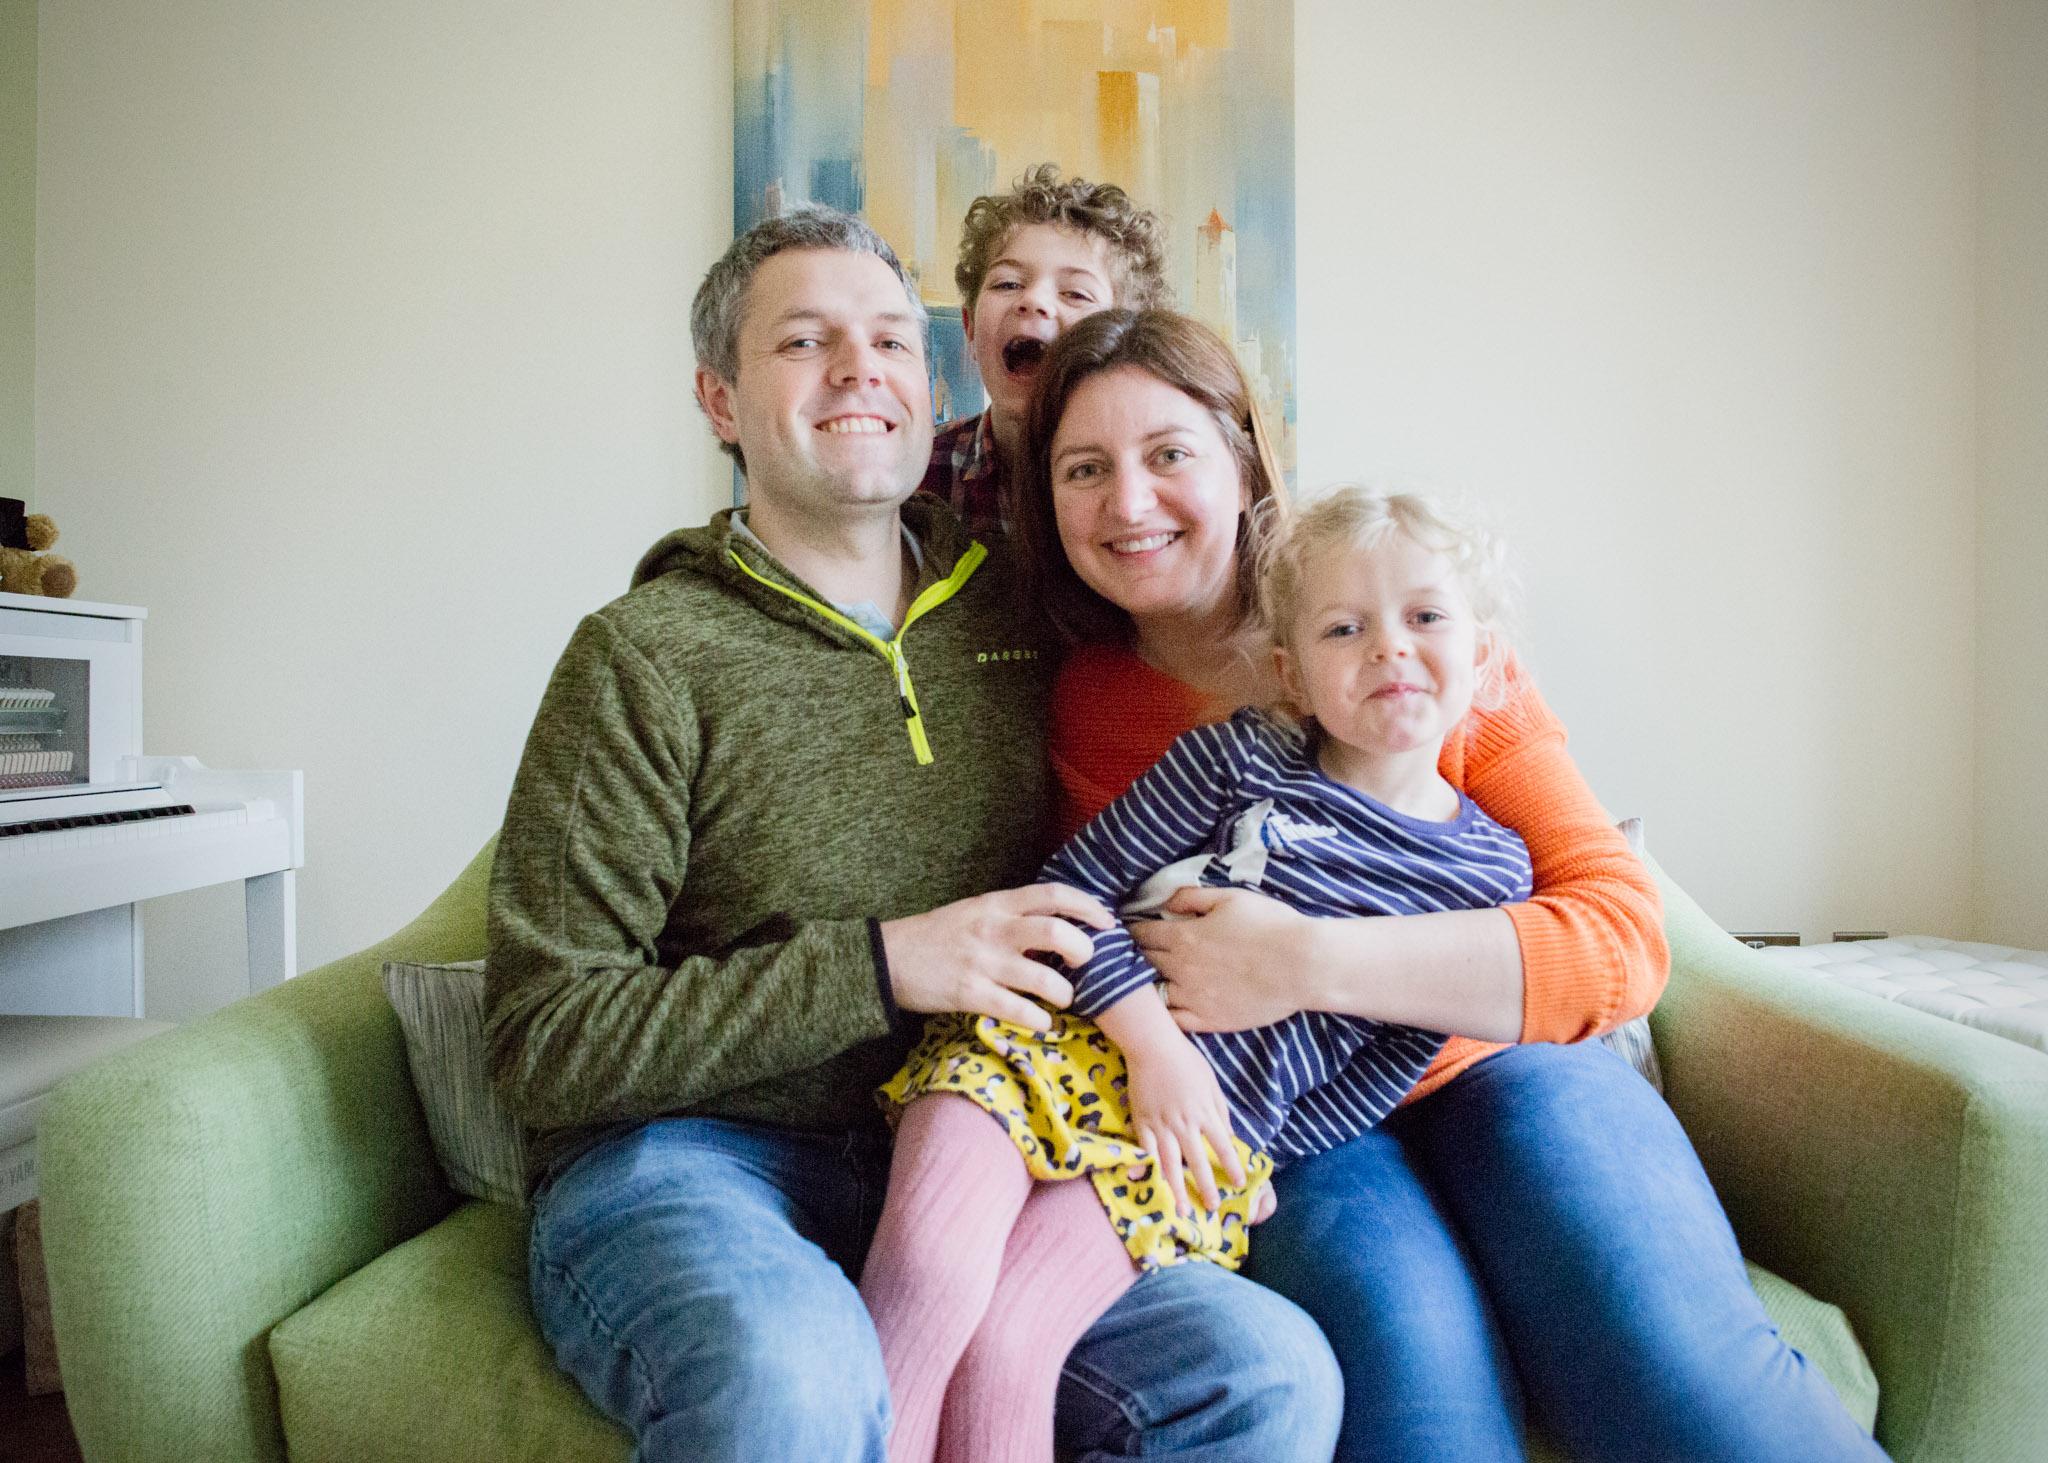 Bailey Lamburn and family on sofa